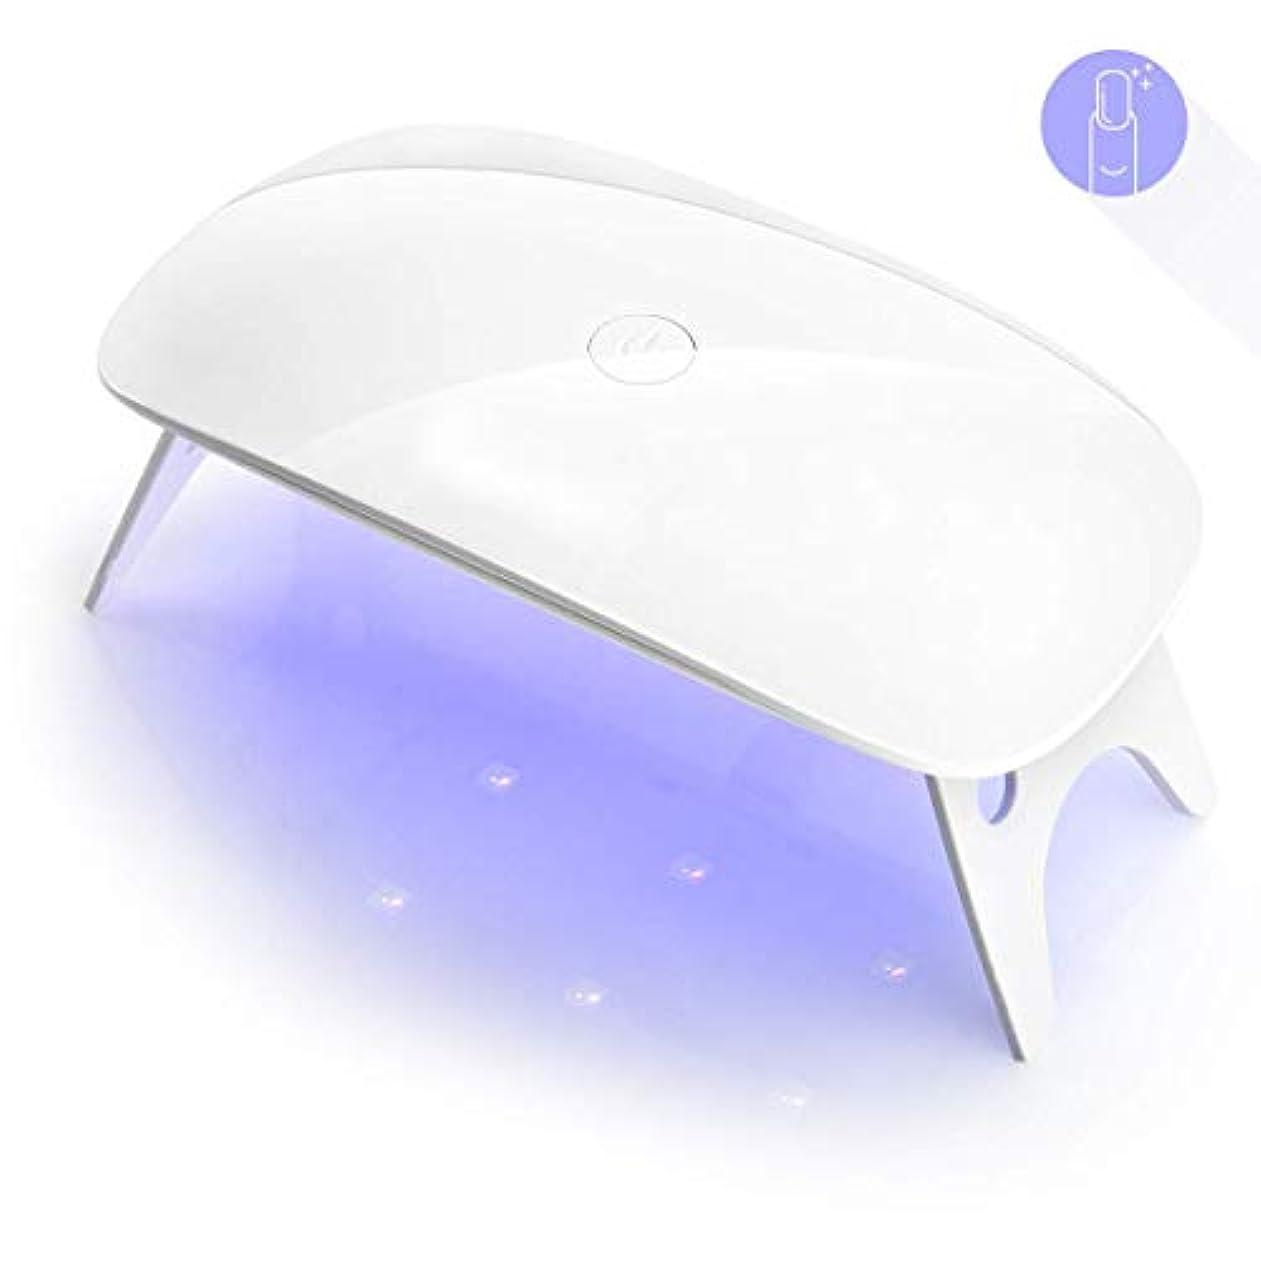 九レビュー対話ZMiw LEDネイルドライヤー UVライト タイマー設定可能 折りたたみ式手足とも使える 人感センサー式 LED 硬化ライト UV と LEDダブルライト ジェルネイル用 ホワイト (white)